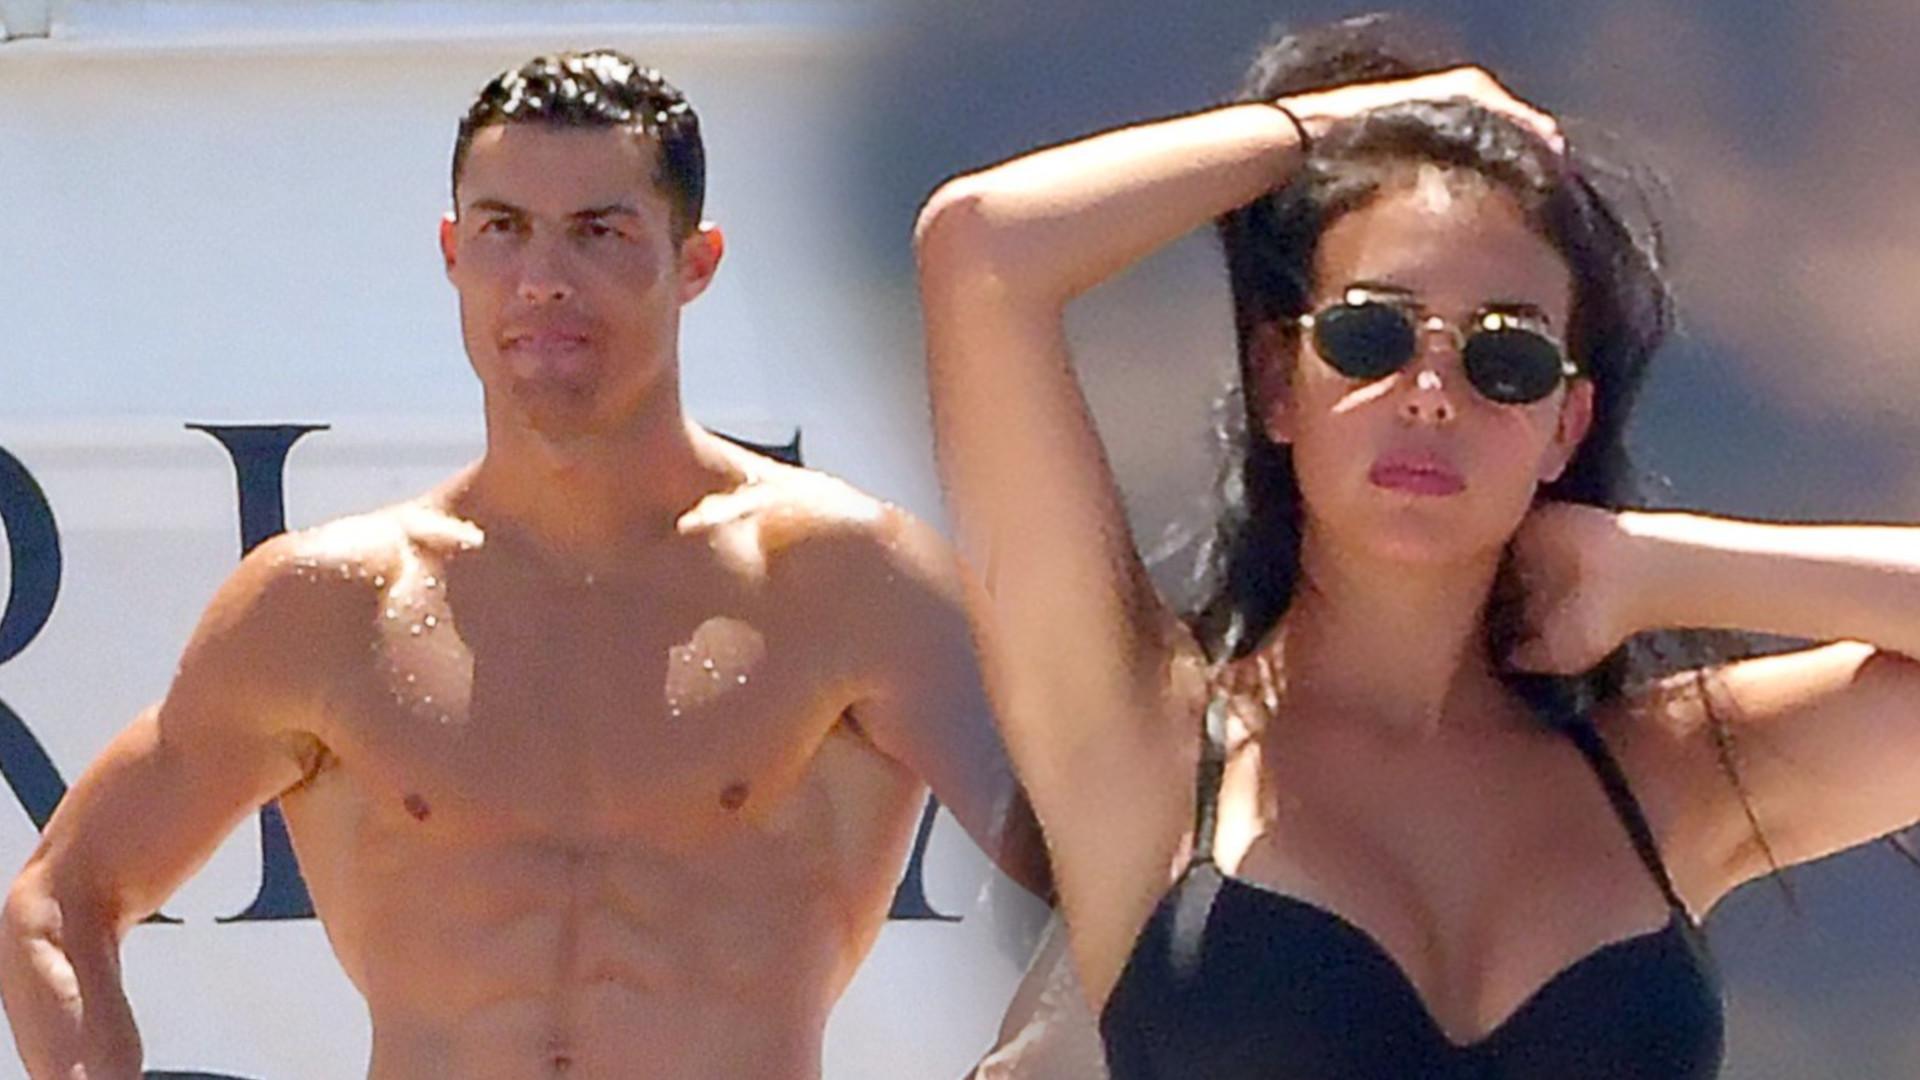 LUKSUSOWE wakacje Cristiano Ronaldo i jego rodziny – zobaczcie Georginę Rodriguez w BIKINI! (ZDJĘCIA)